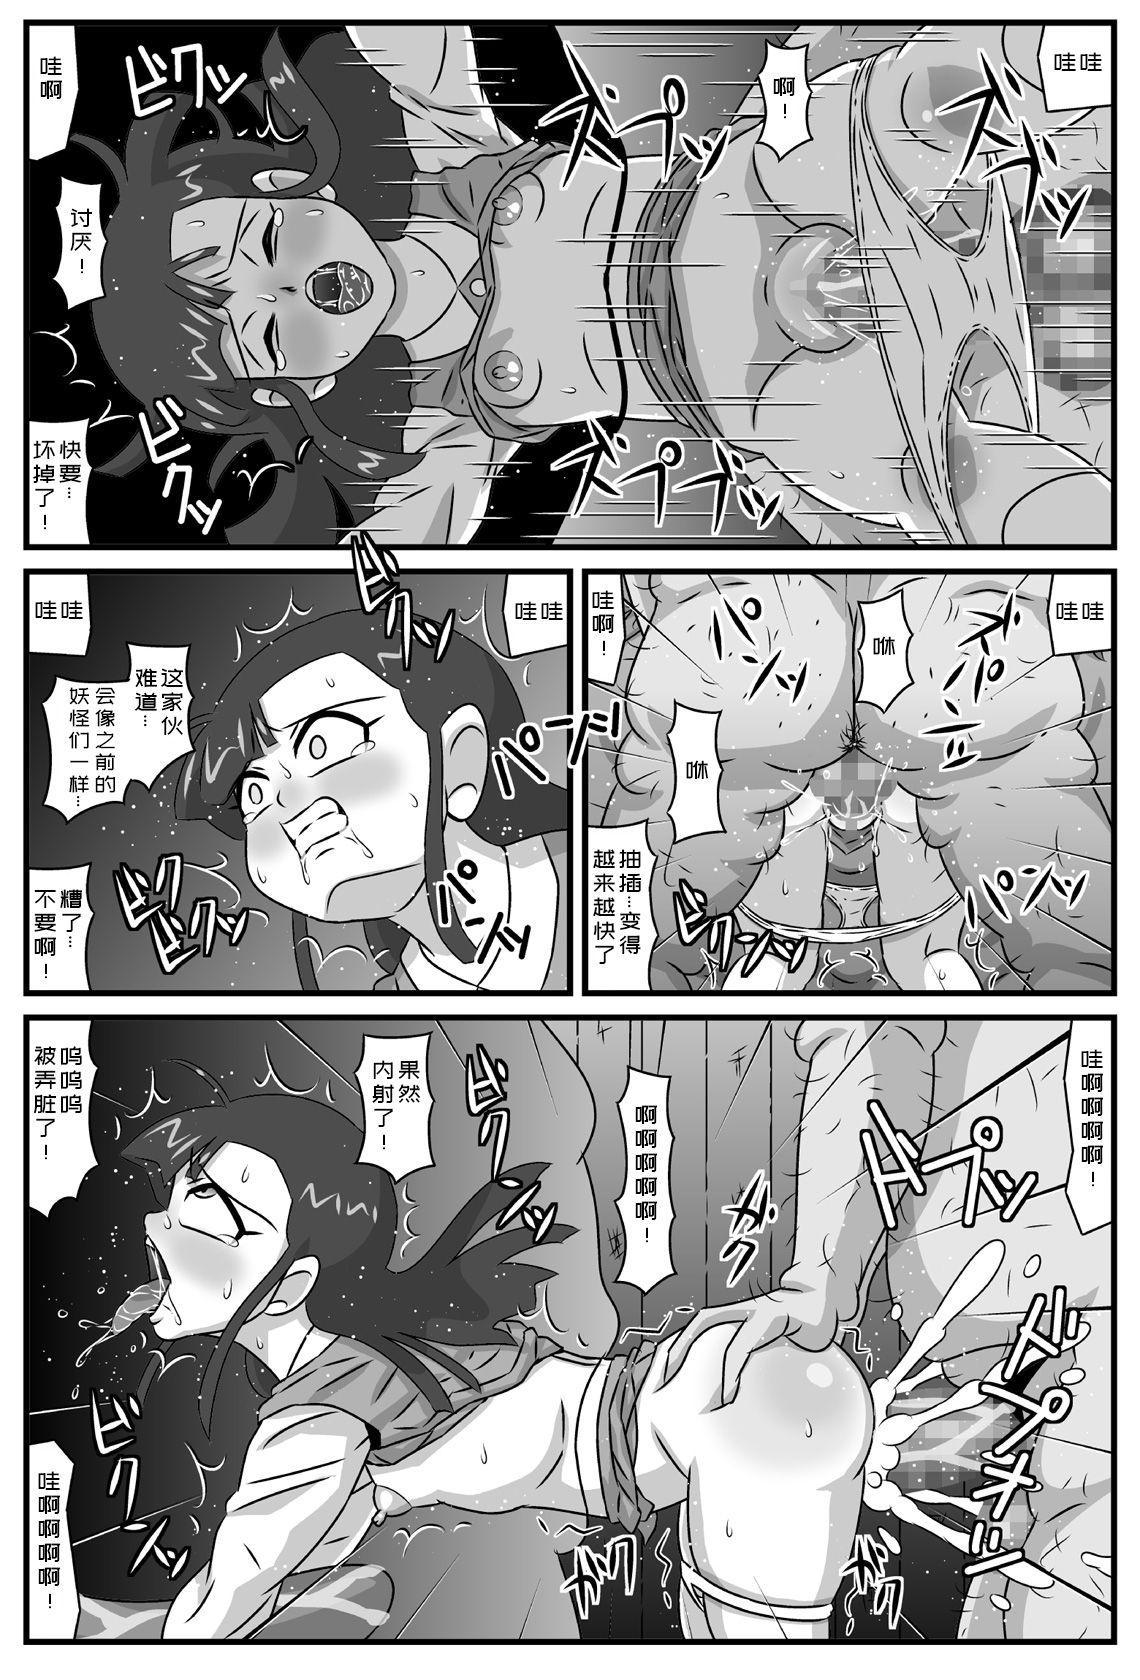 [Amatsukami] Hyakki Yakan Youkai Yashiki Hen Jou[Chinese]【不可视汉化】 19